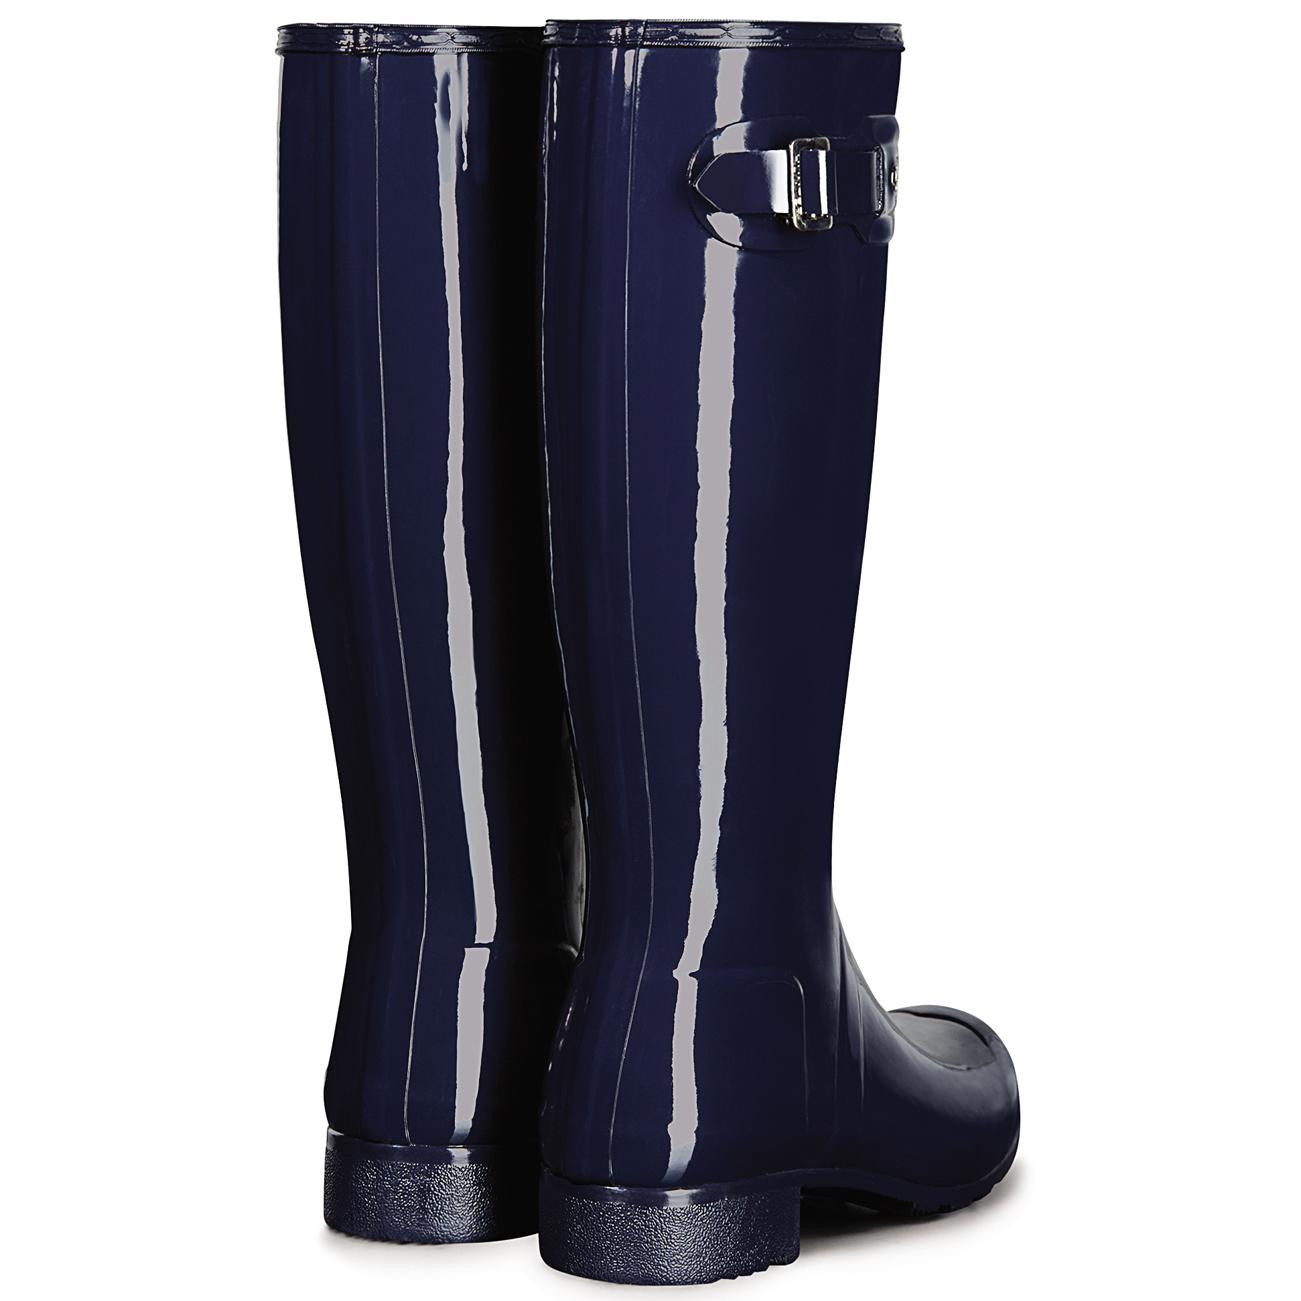 Bottes Hunter Original Tour Gloss Wellington Bottes D'hiver Bottes de de de pluie UK 3-9 fdc81b